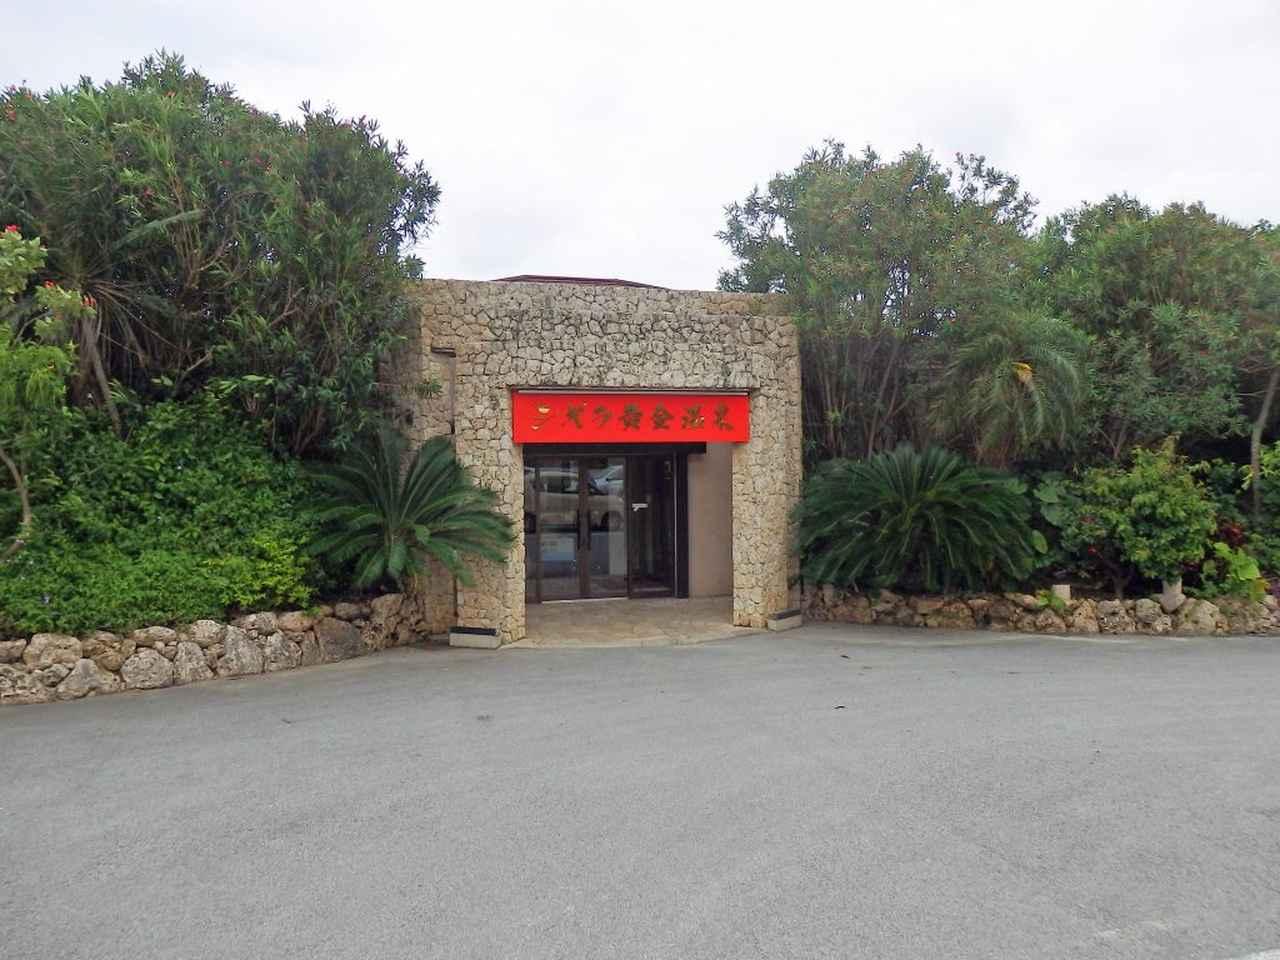 画像: 緑と花に囲まれた『 シギラ黄金温泉 』で極上リラクゼーション-沖縄旅行激安予約サイトの沖縄旅予約ドットコム